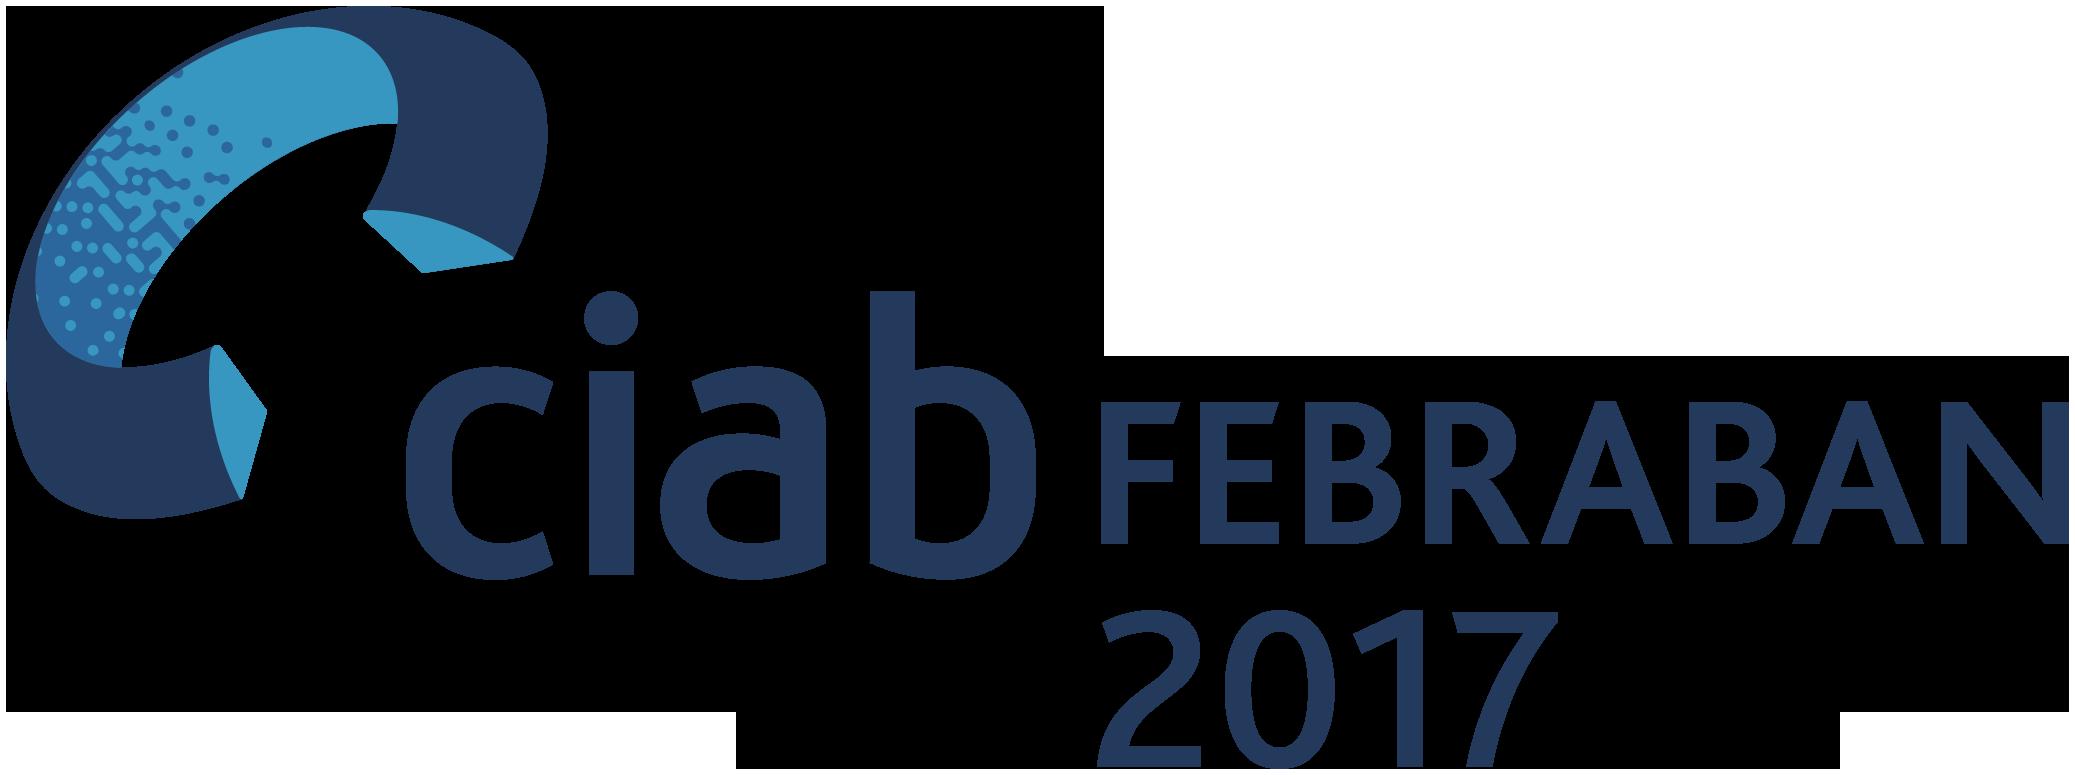 CIAB FEBRABAN – June 6-8, 2017, São Paulo, Brazil